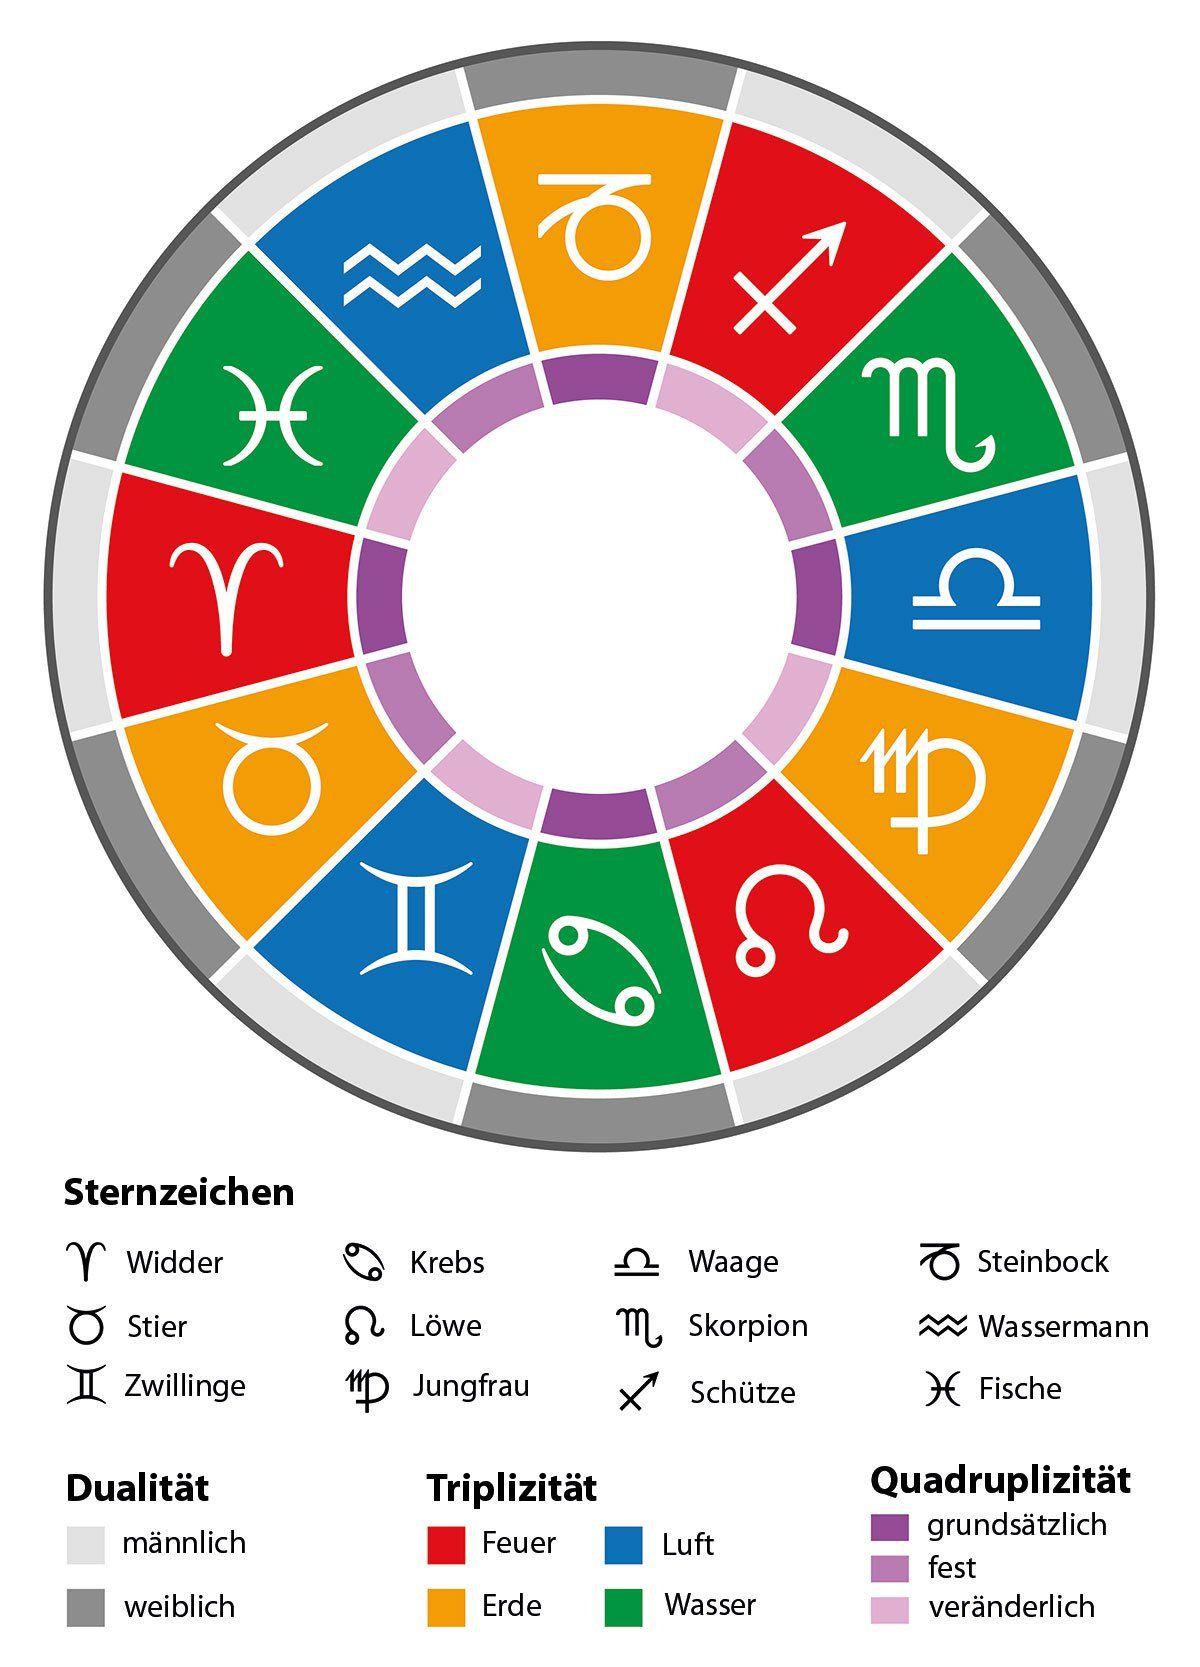 Welches Sternzeichen Passt Zu Zwilling Mann : pin von b yza auf star sign astrologie sternzeichen sternzeichen und zwillinge sternzeichen ~ A.2002-acura-tl-radio.info Haus und Dekorationen